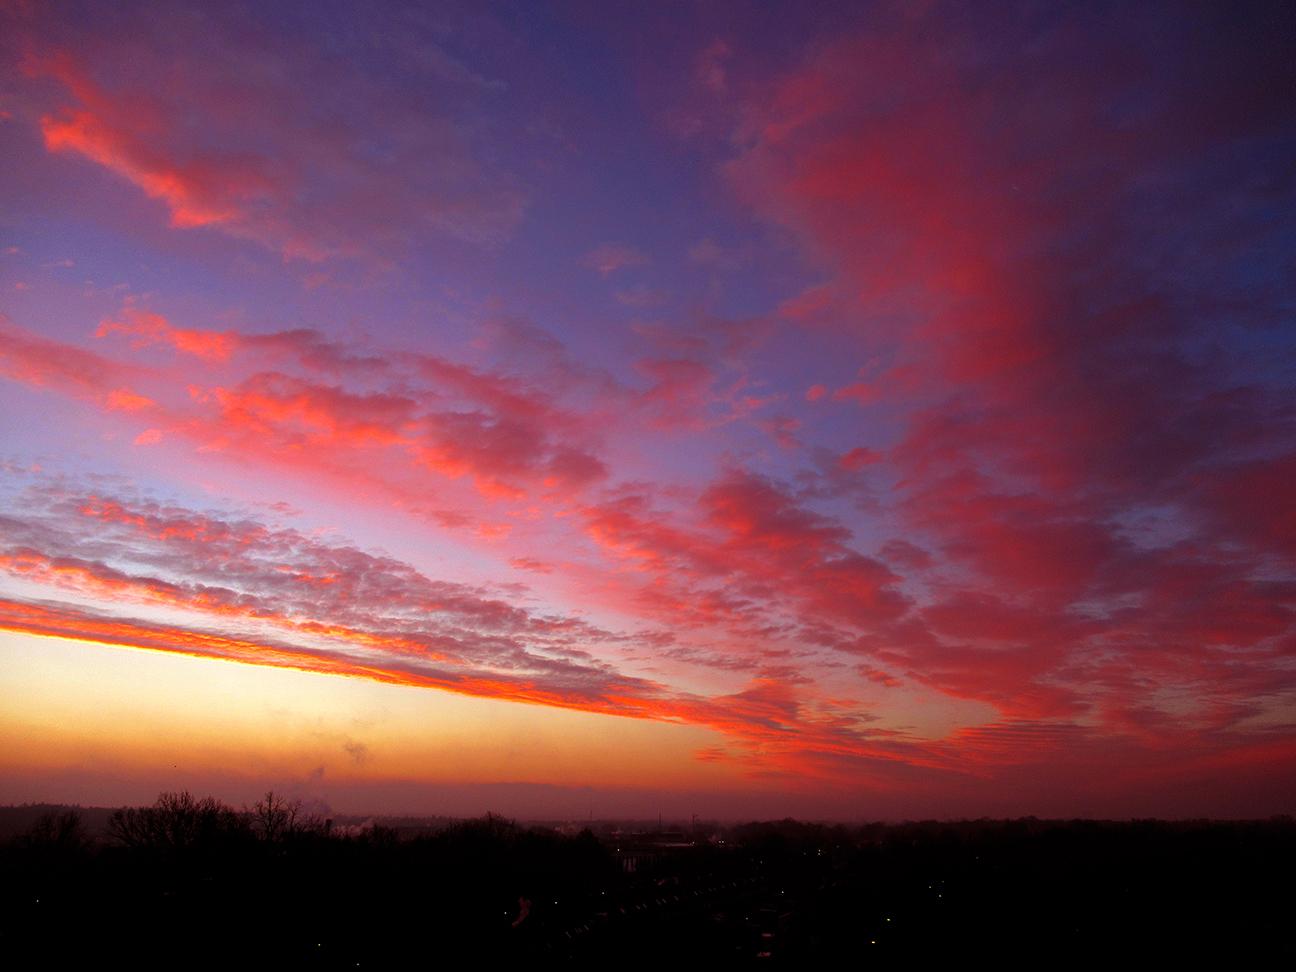 Op deze decembermorgen weer genoten van een vlammend morgenrood boven de Veluwe – Foto: ©Louis Fraanje